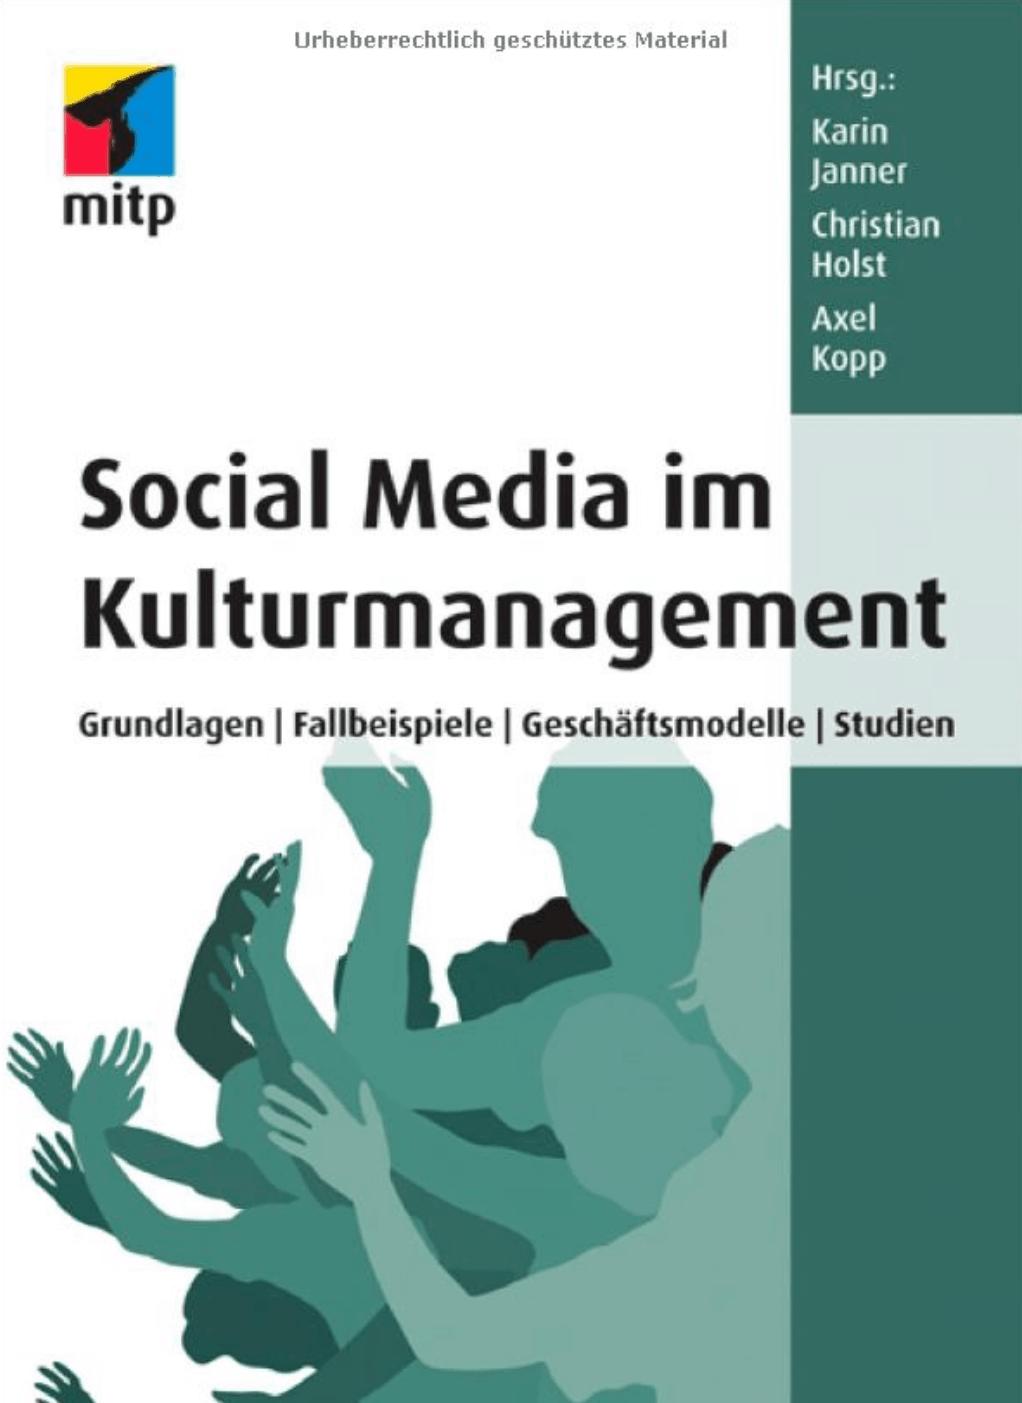 socialmediaimkulturmanagement.png